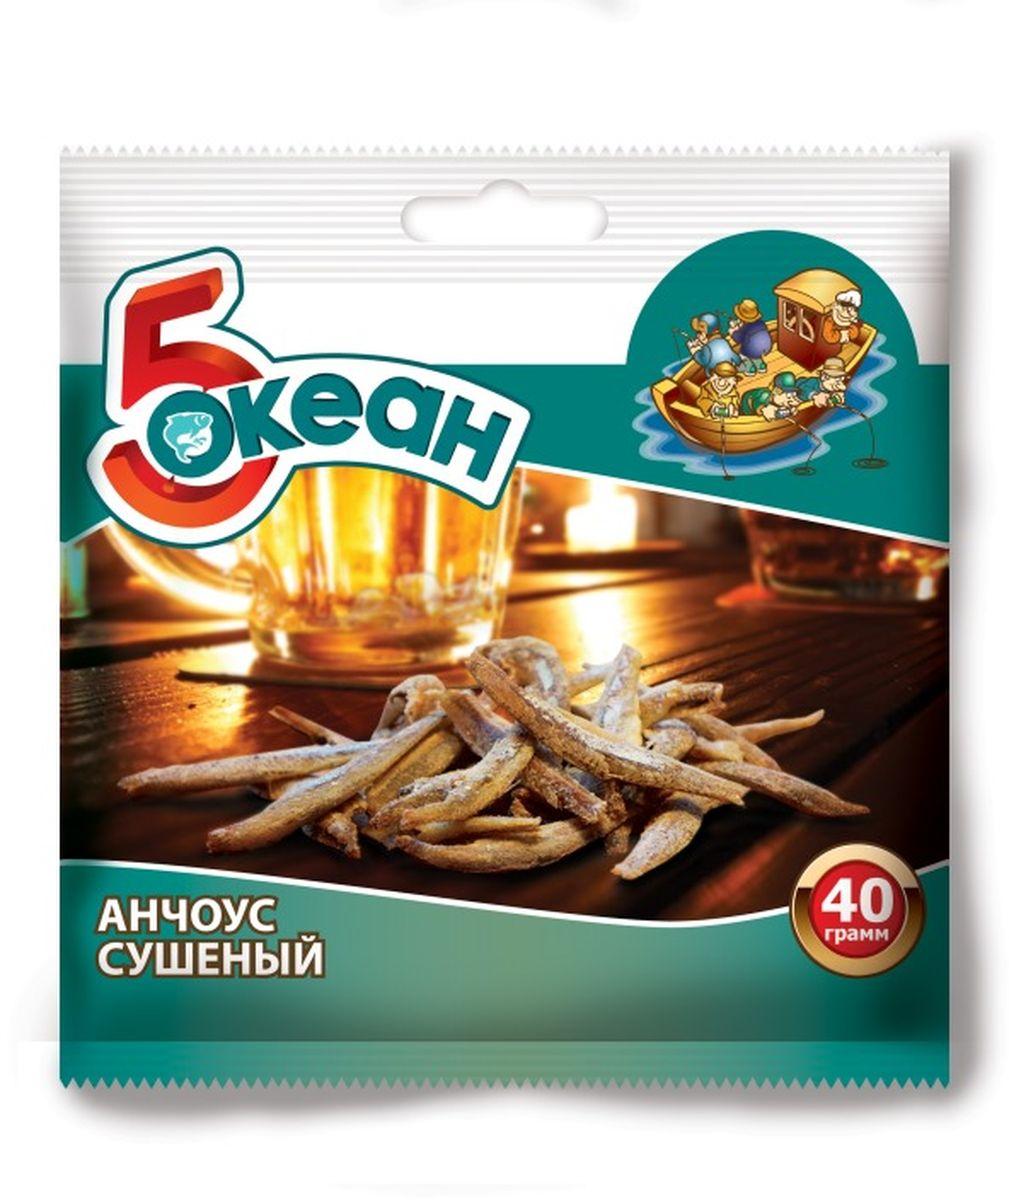 5 Океан анчоус, 40 г00-00000640Анчоус является популярной излюбленной закуской к пенным слабоалкогольным напиткам благодаря своему приятному солоноватому вкусу. Отличная закуска на пикниках и компанейских посиделках, оттеняет горечь алкоголя. Сырье обрабатывают при помощи высокотехнологичного оборудования, которое позволяет сохранять его полезные свойства.